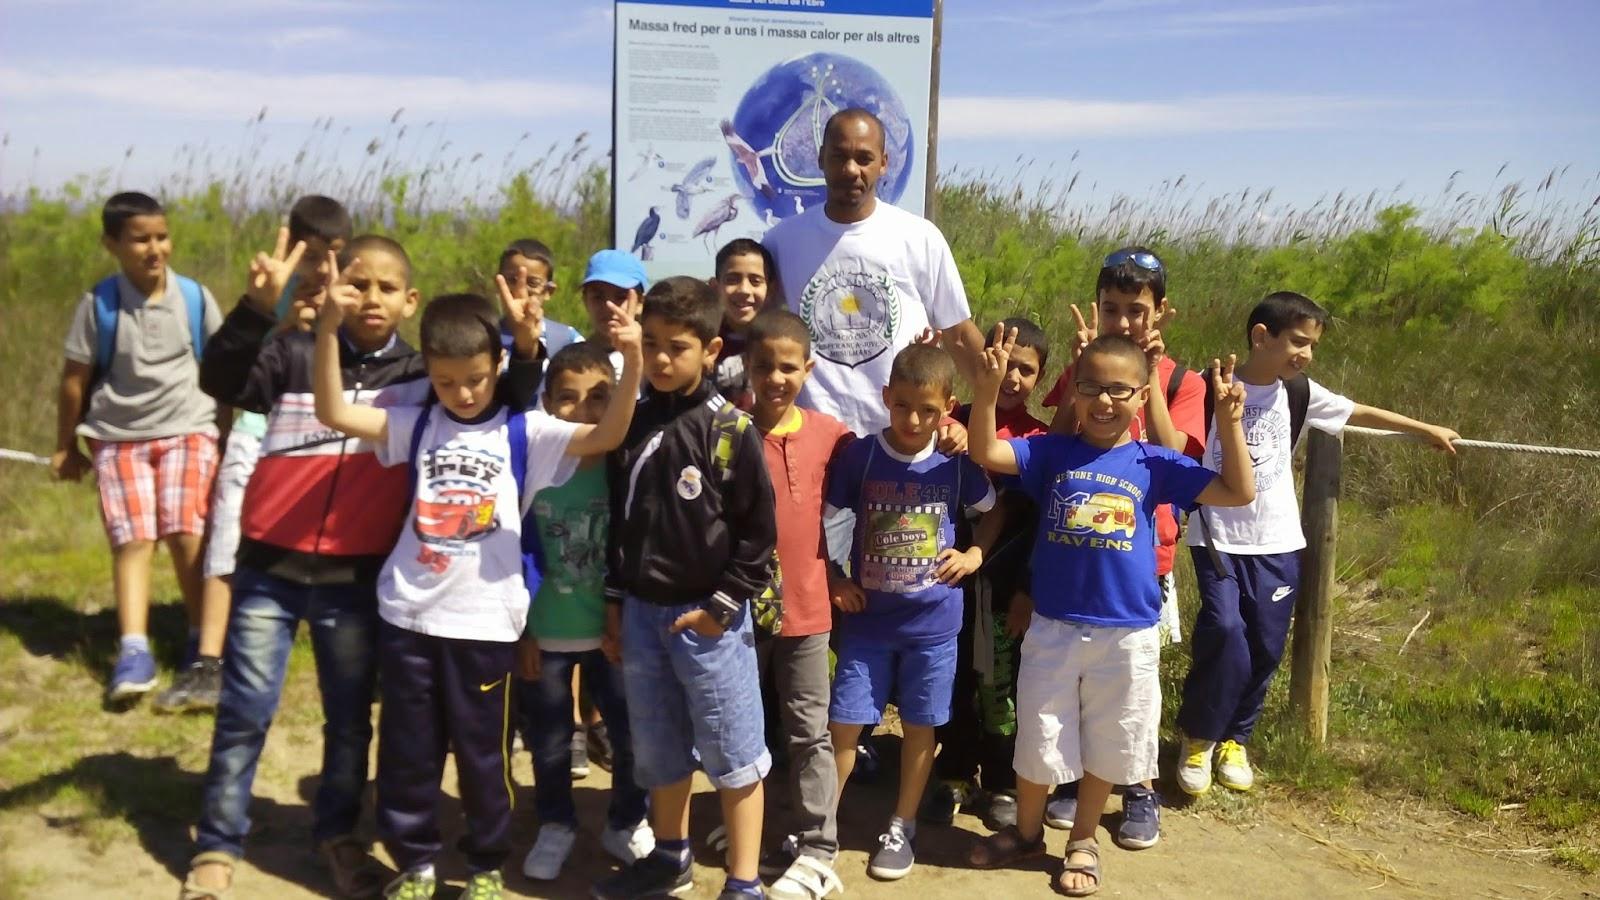 La Comunidad Islámica de Roquetes y Tortosa organizan una excursión a la Delta del Ebro